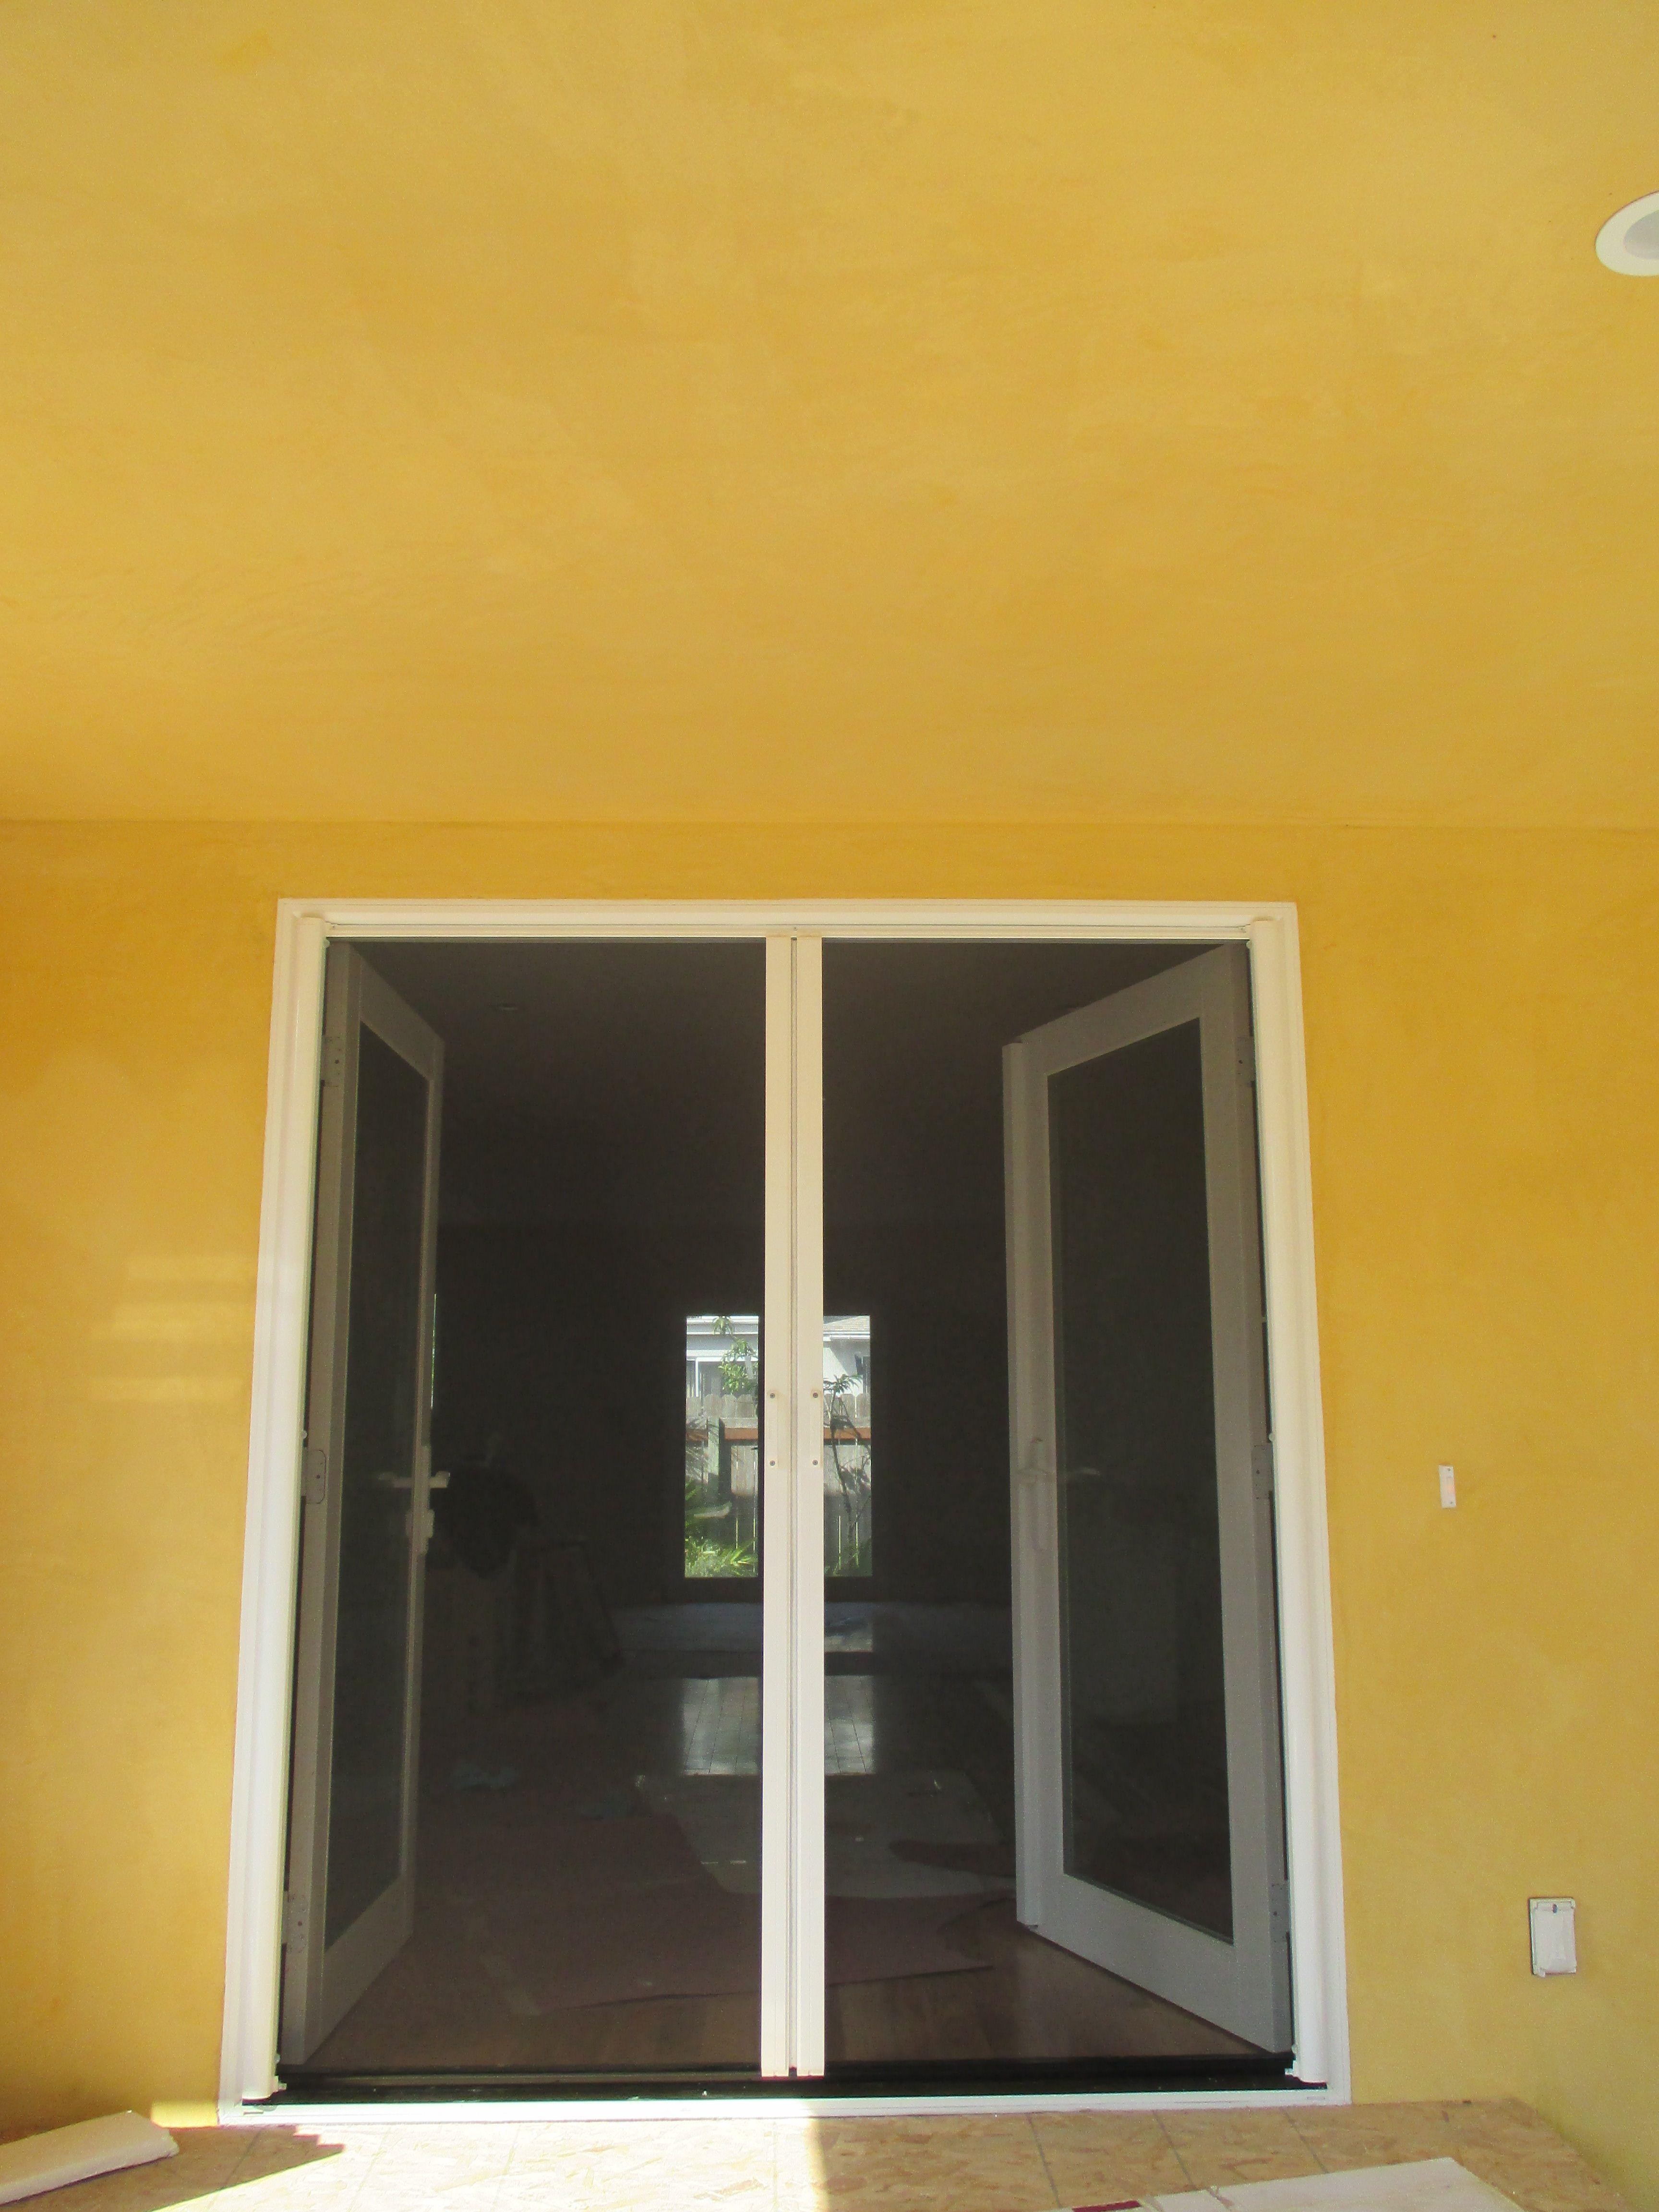 Inswing Single and Double Door Retractable StowAway Screens ...